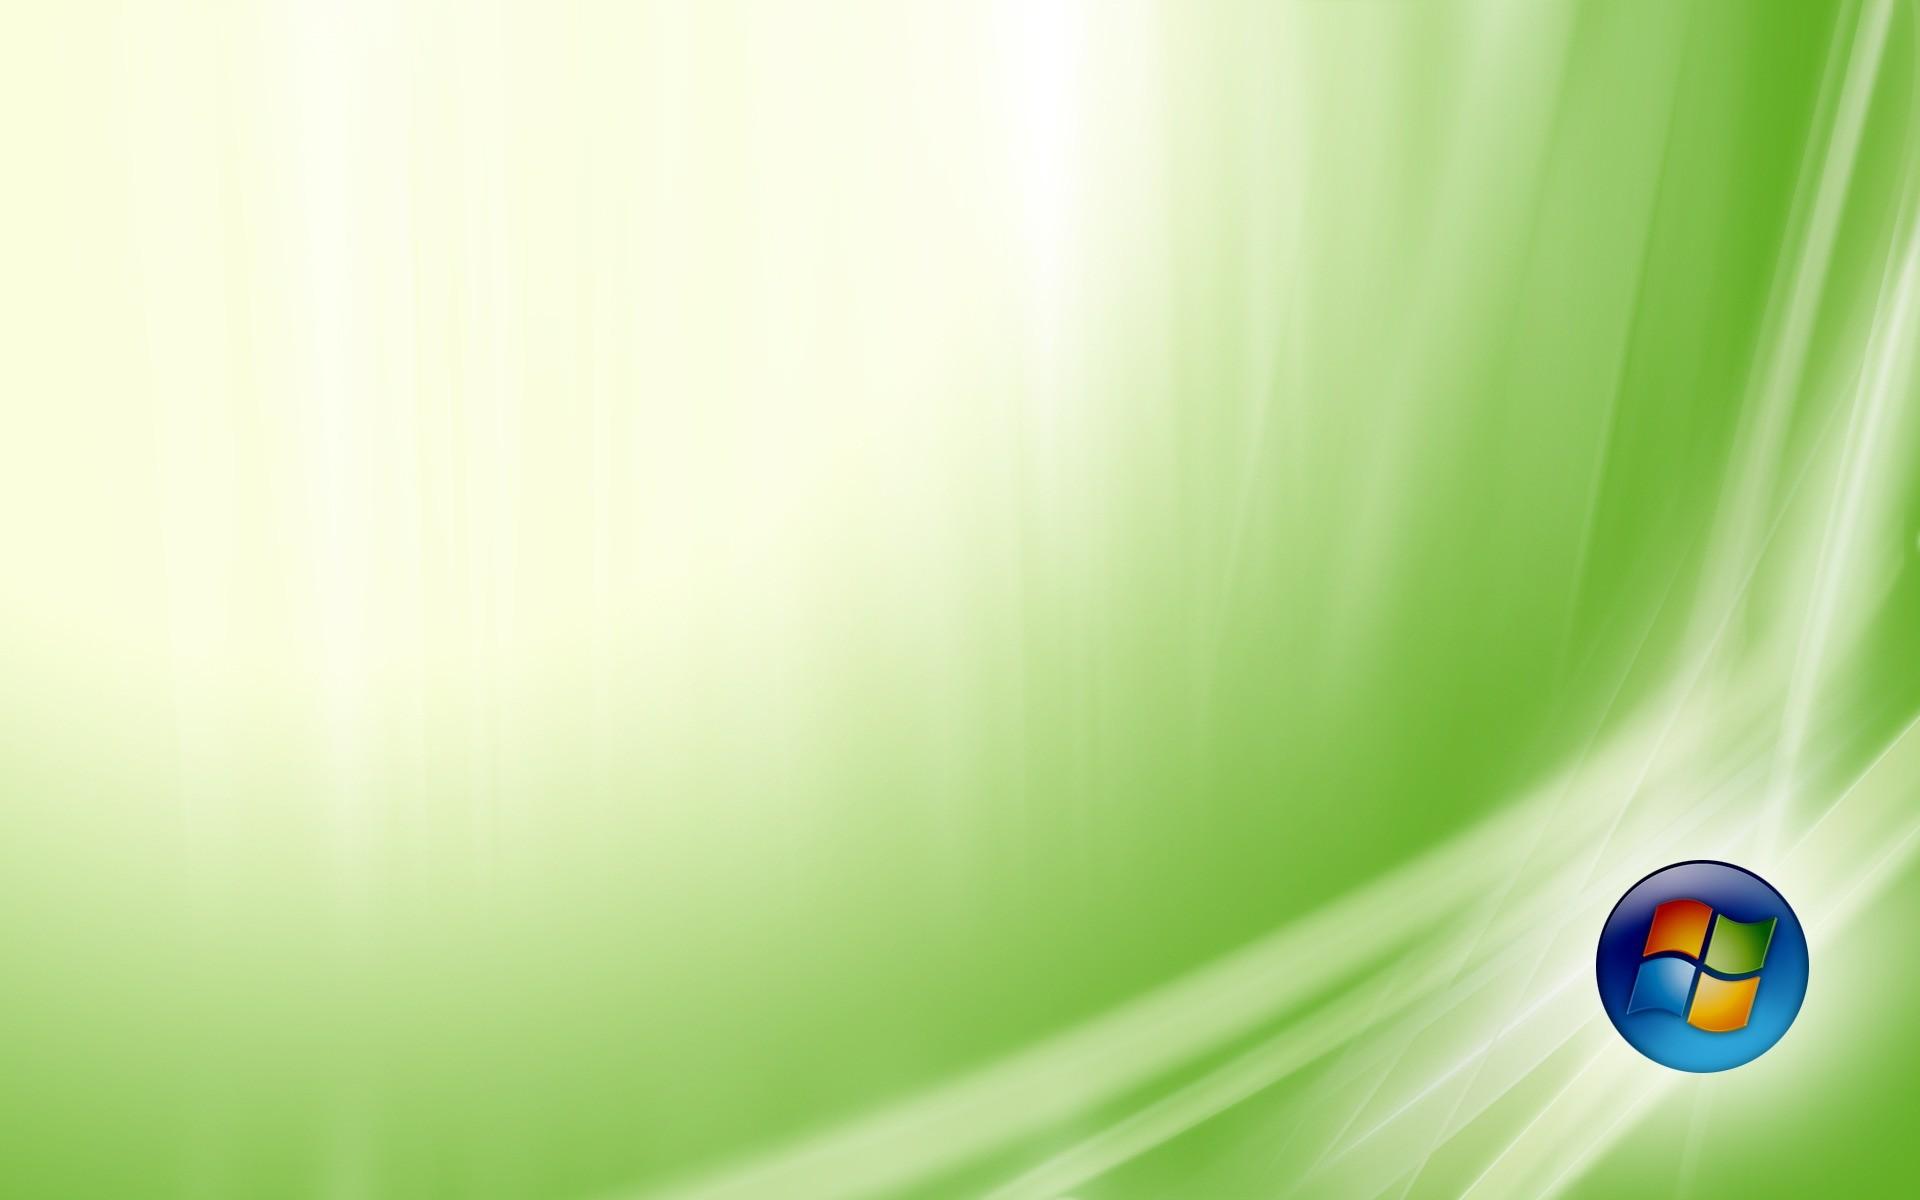 Vista Green Wallpaper Windows Vista Computers